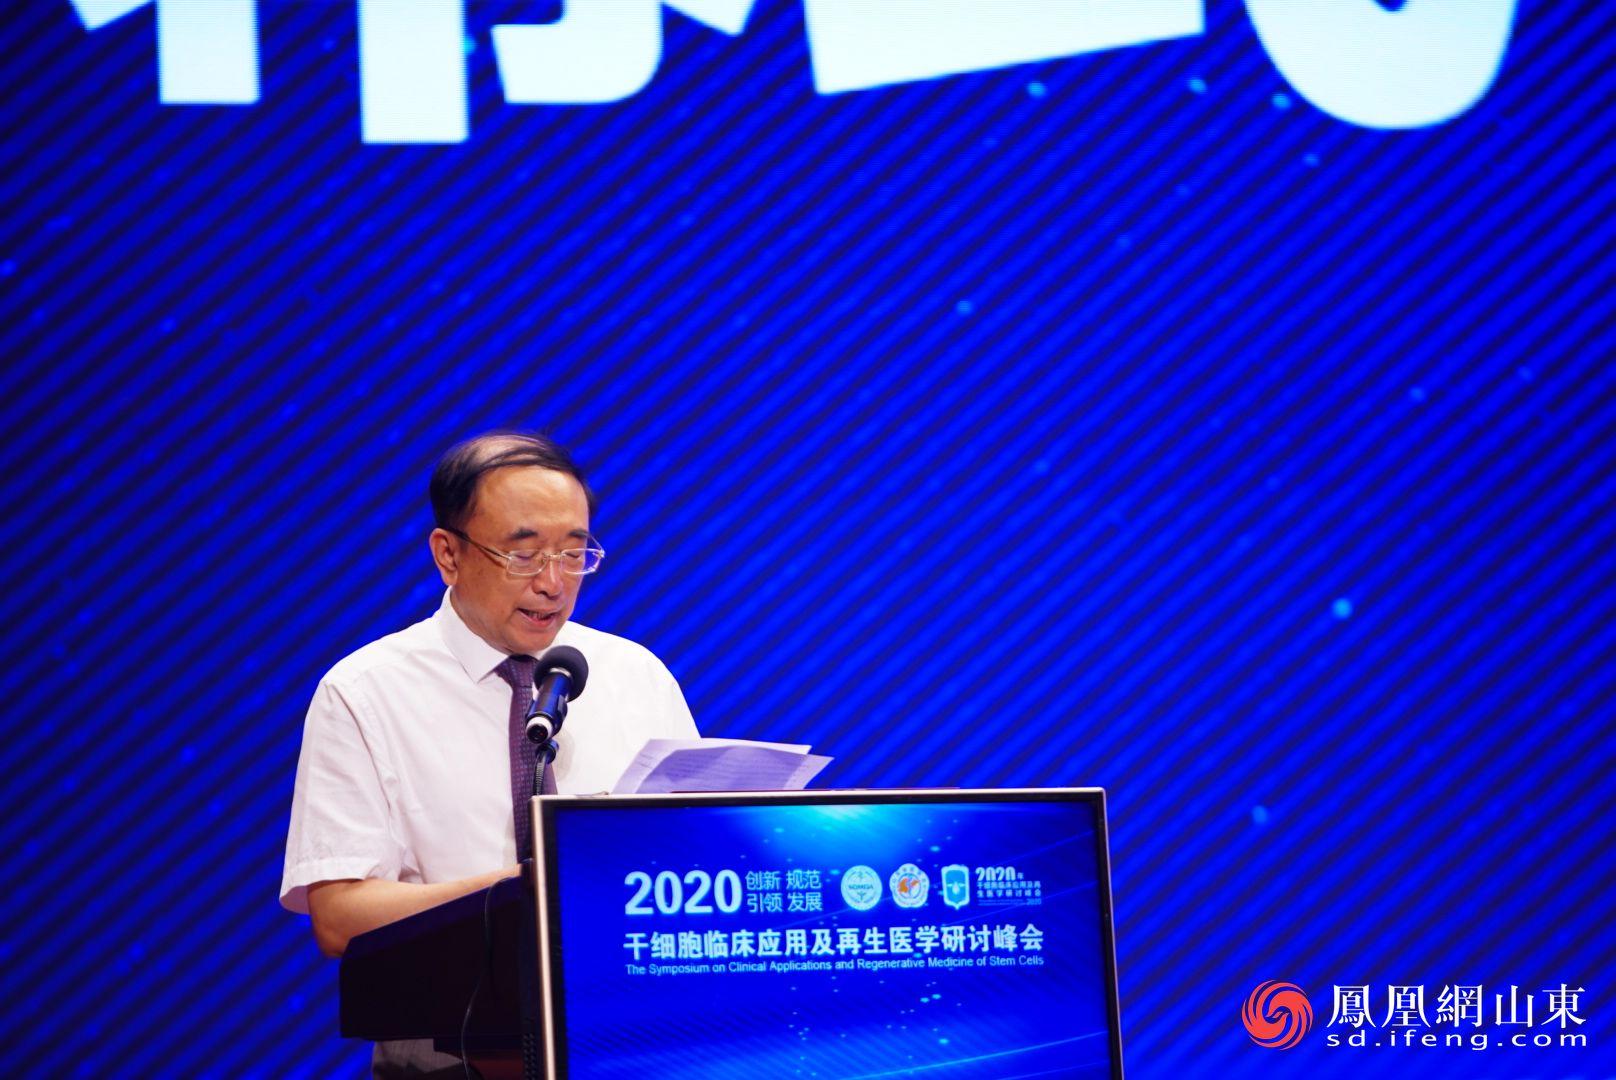 中国工程院院士于金明:专委会的成立顺应时代发展大潮